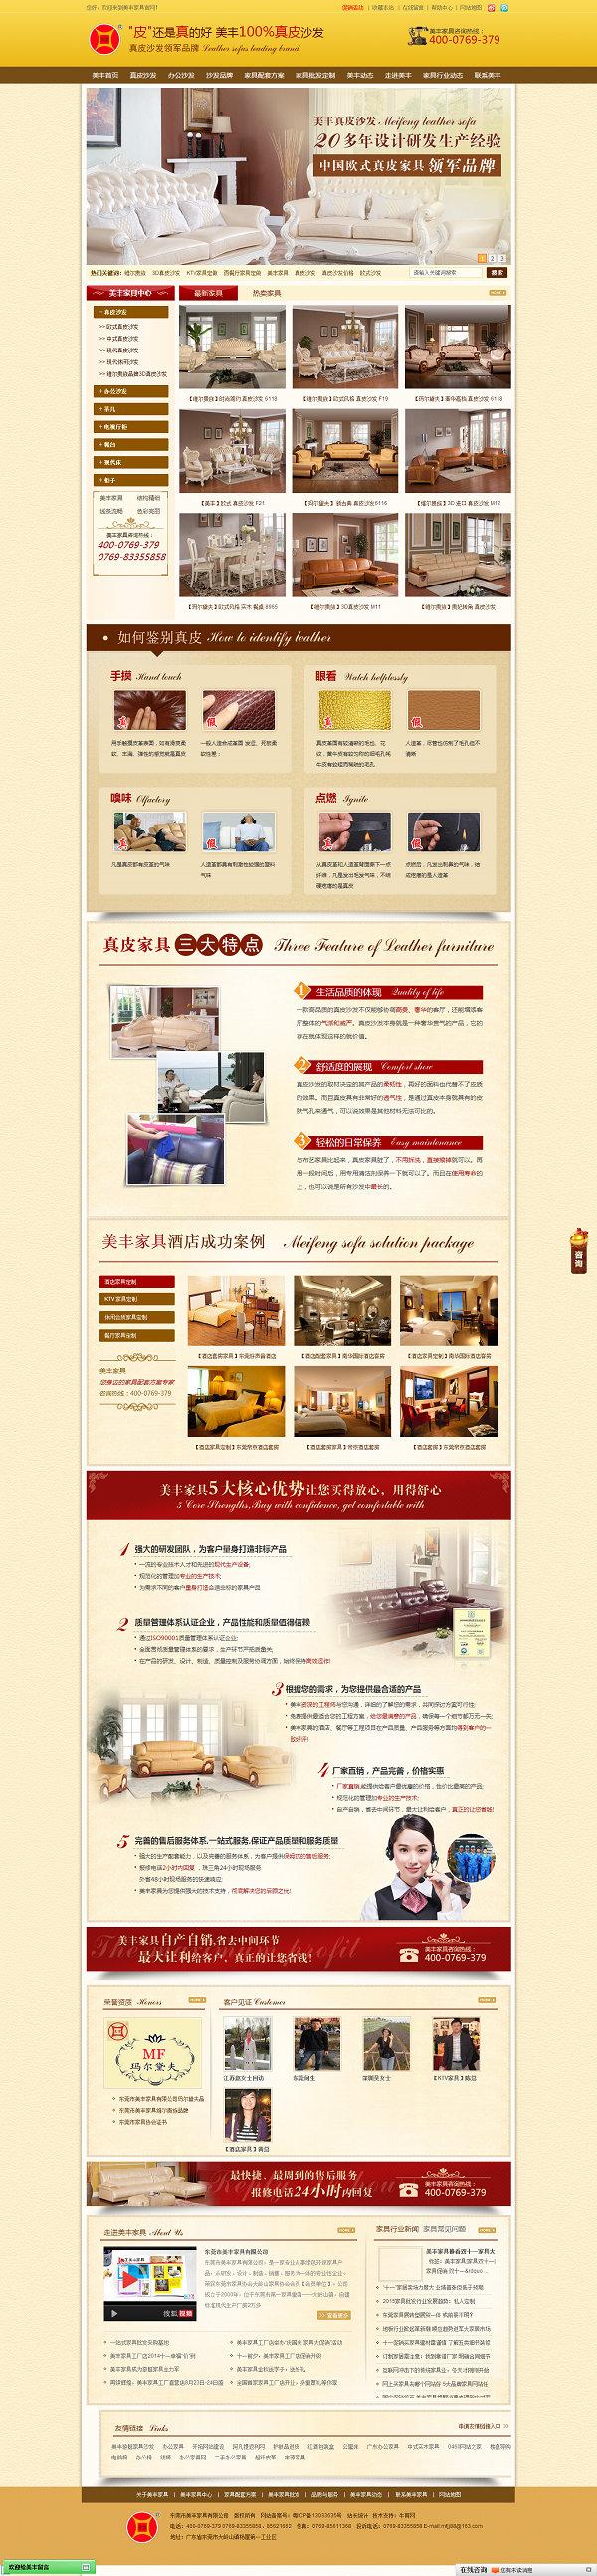 美丰家具营销型网站